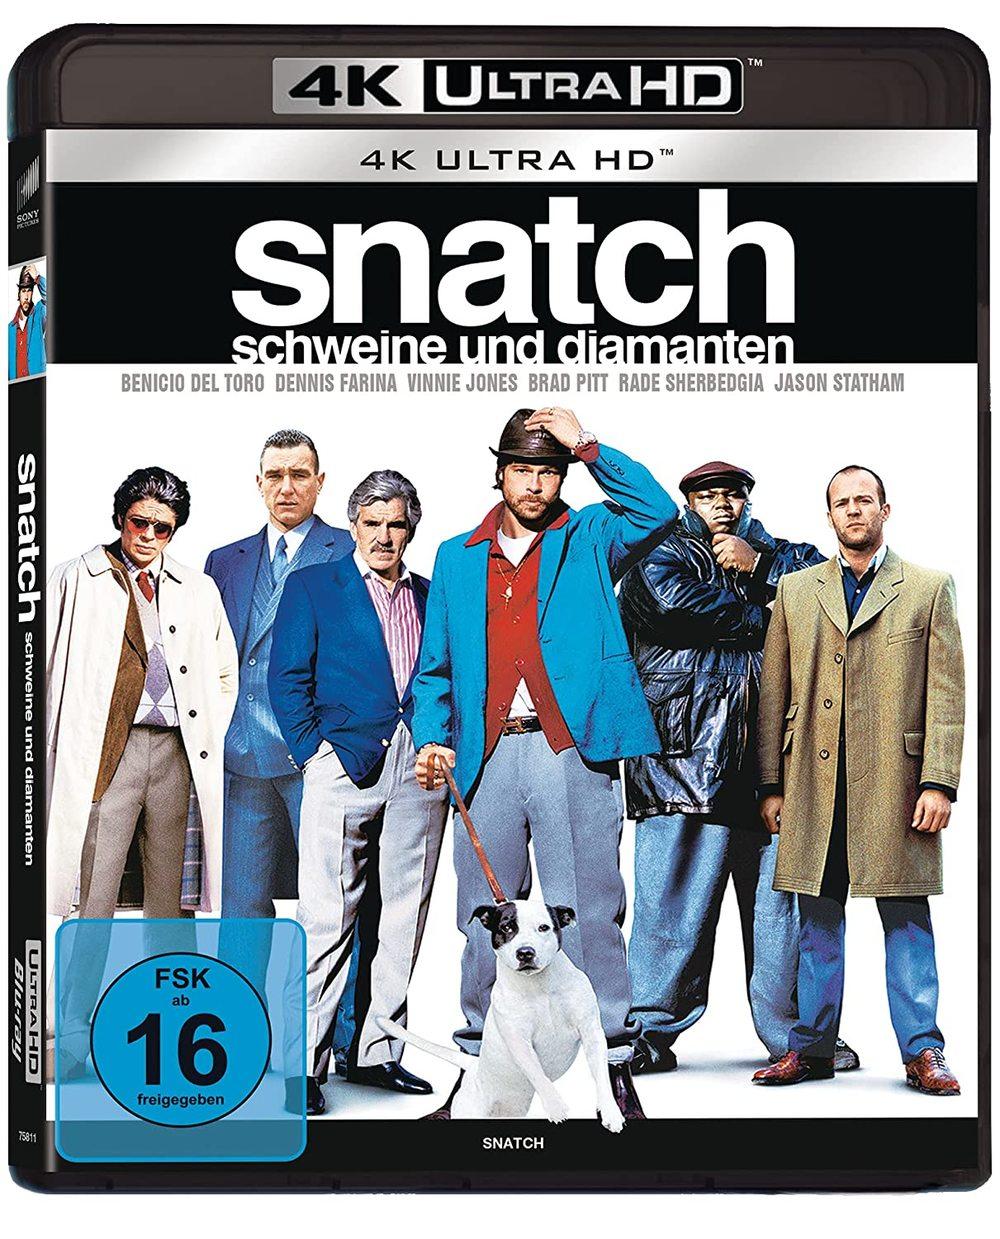 """Schnoddriger Gangsterspaß in 4K: Wir verlosen Guy Ritchies """"Snatch - Schweine und Diamanten"""" als 4K UHD"""